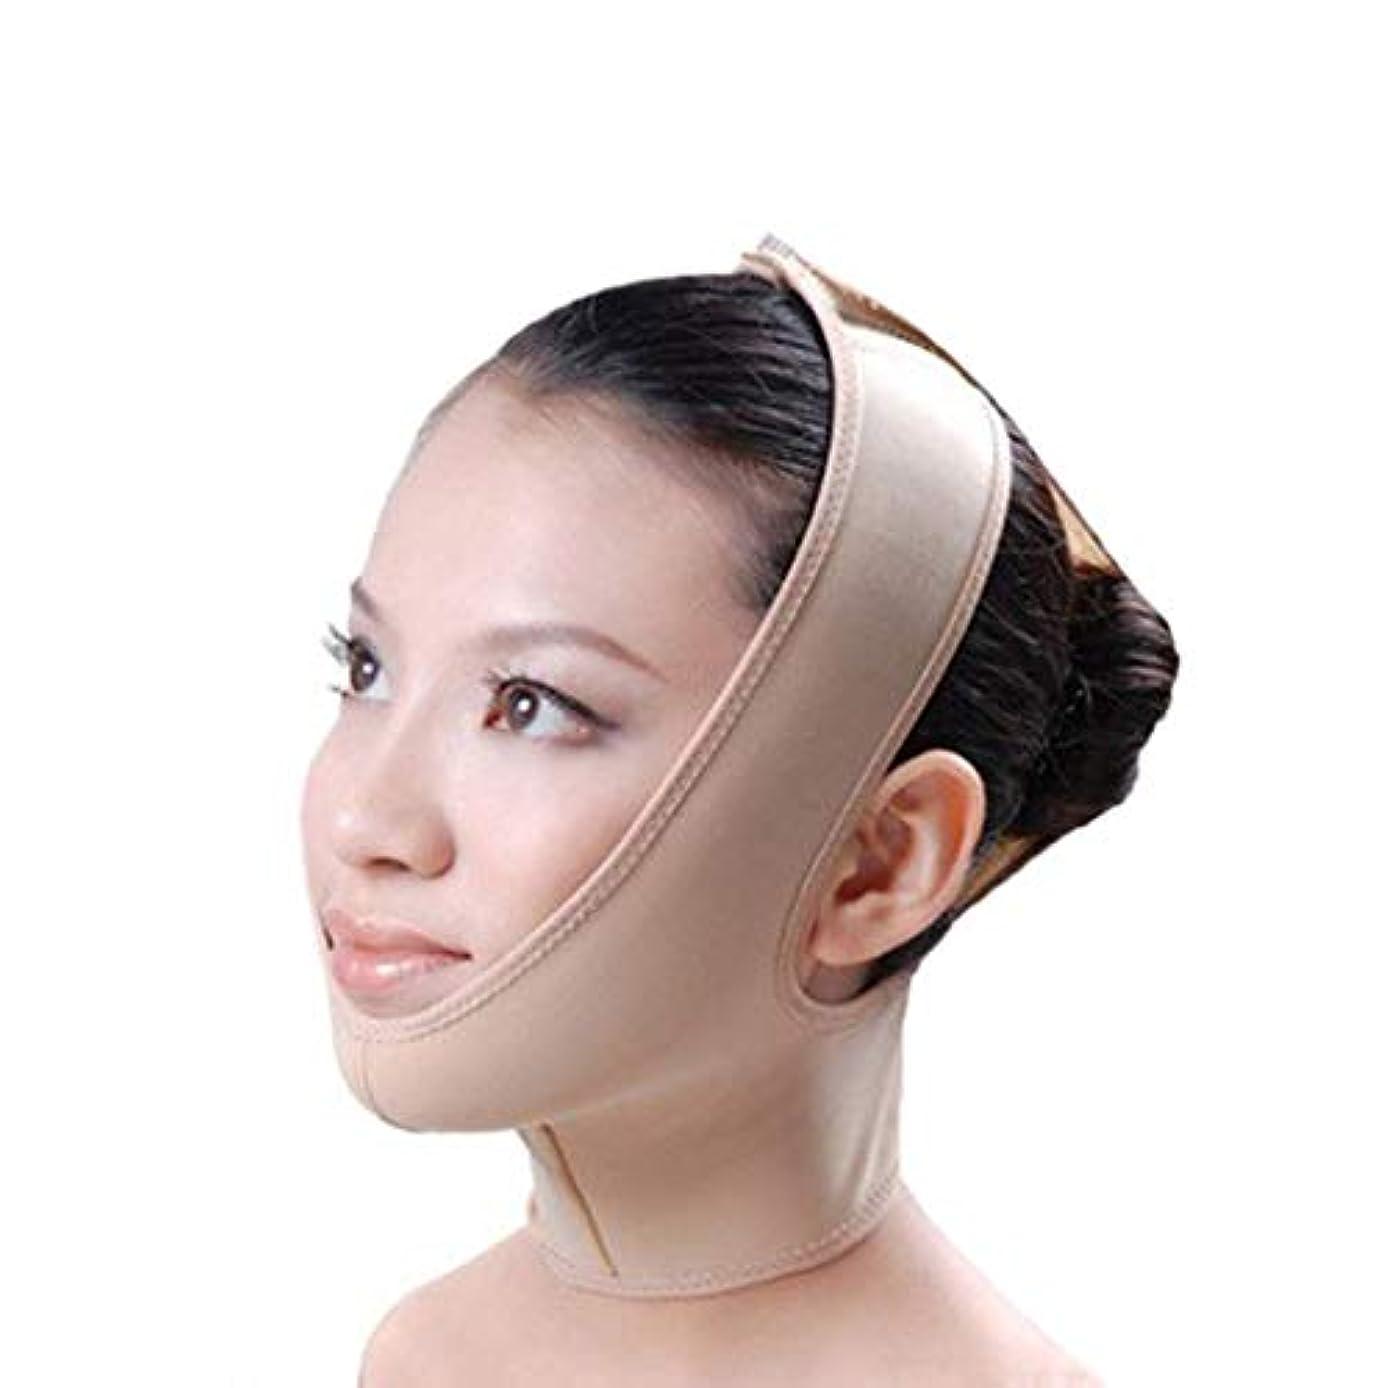 強風スクラブありそうフェイススリム、リフティングマスク、包帯リフト、二重あご、引き締めフェイシャルリフト、フェイシャル減量マスク、リフティングスキン包帯(サイズ:XL),XL